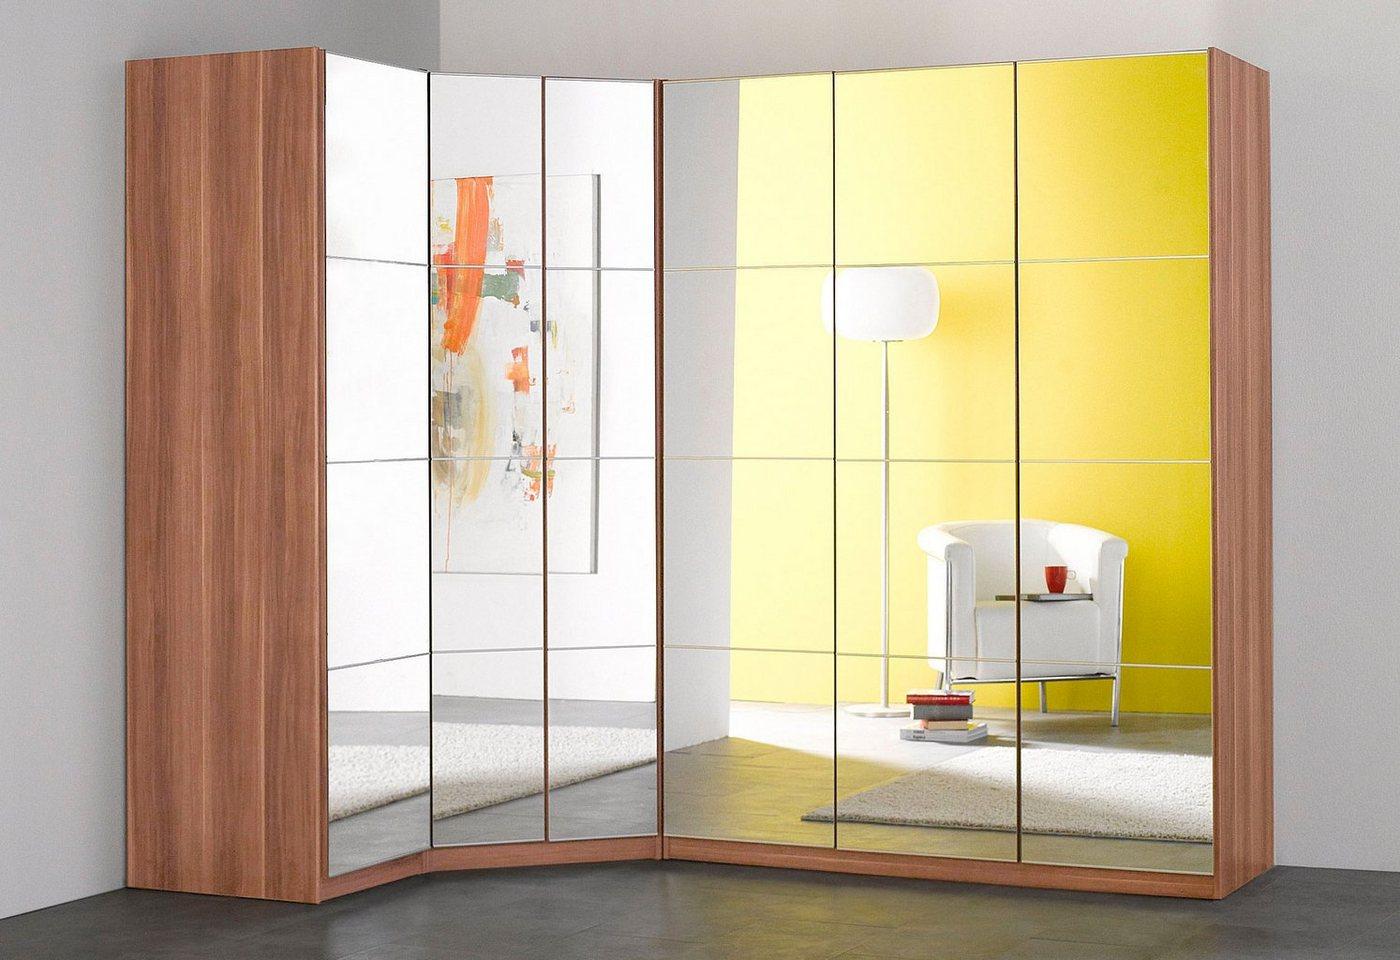 kleiderschrank weiss 4 otto preisvergleiche. Black Bedroom Furniture Sets. Home Design Ideas